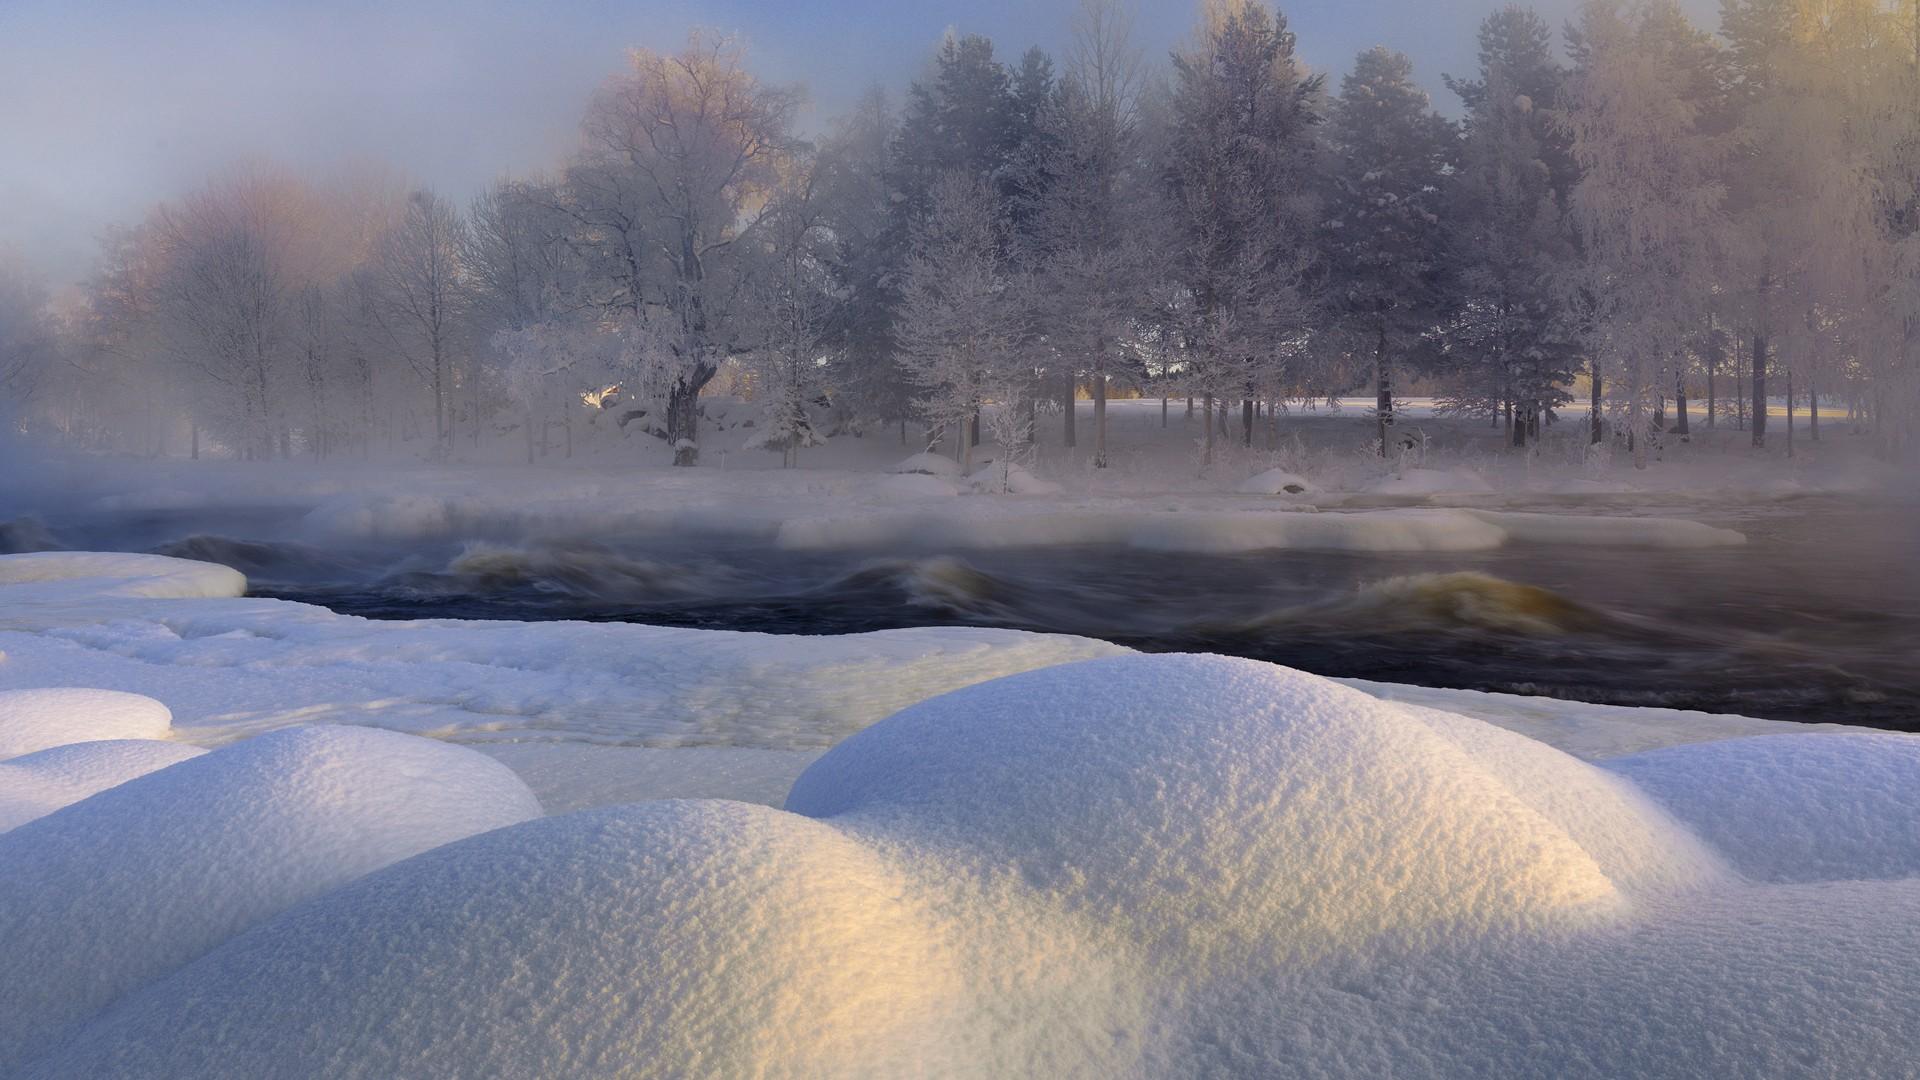 雪景高清壁纸-雪景壁纸高清风景图片_雪景壁纸手机壁纸_唯美雪景高清